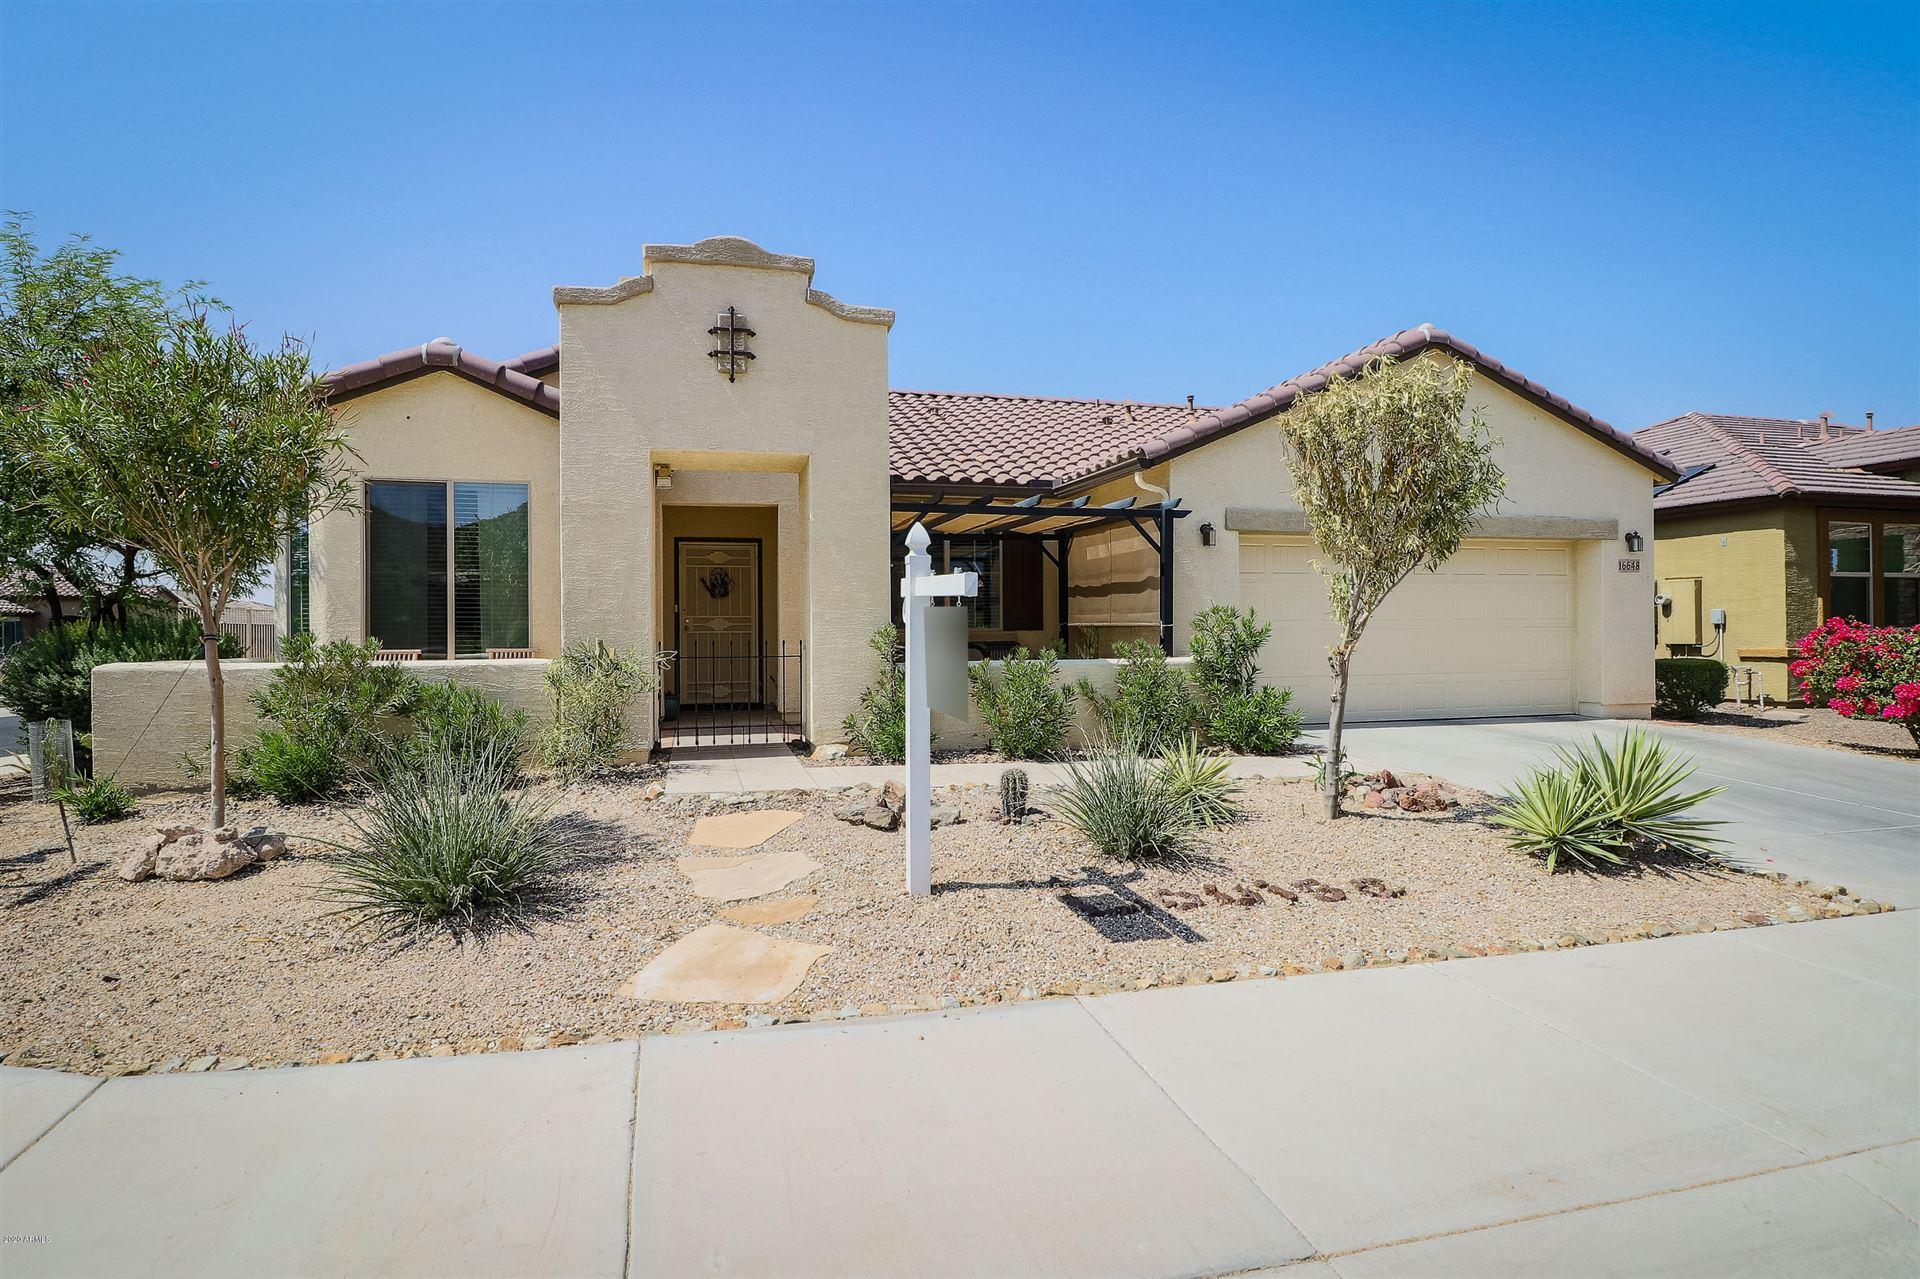 16648 S 175TH Drive, Goodyear, AZ 85338 - MLS#: 6133285